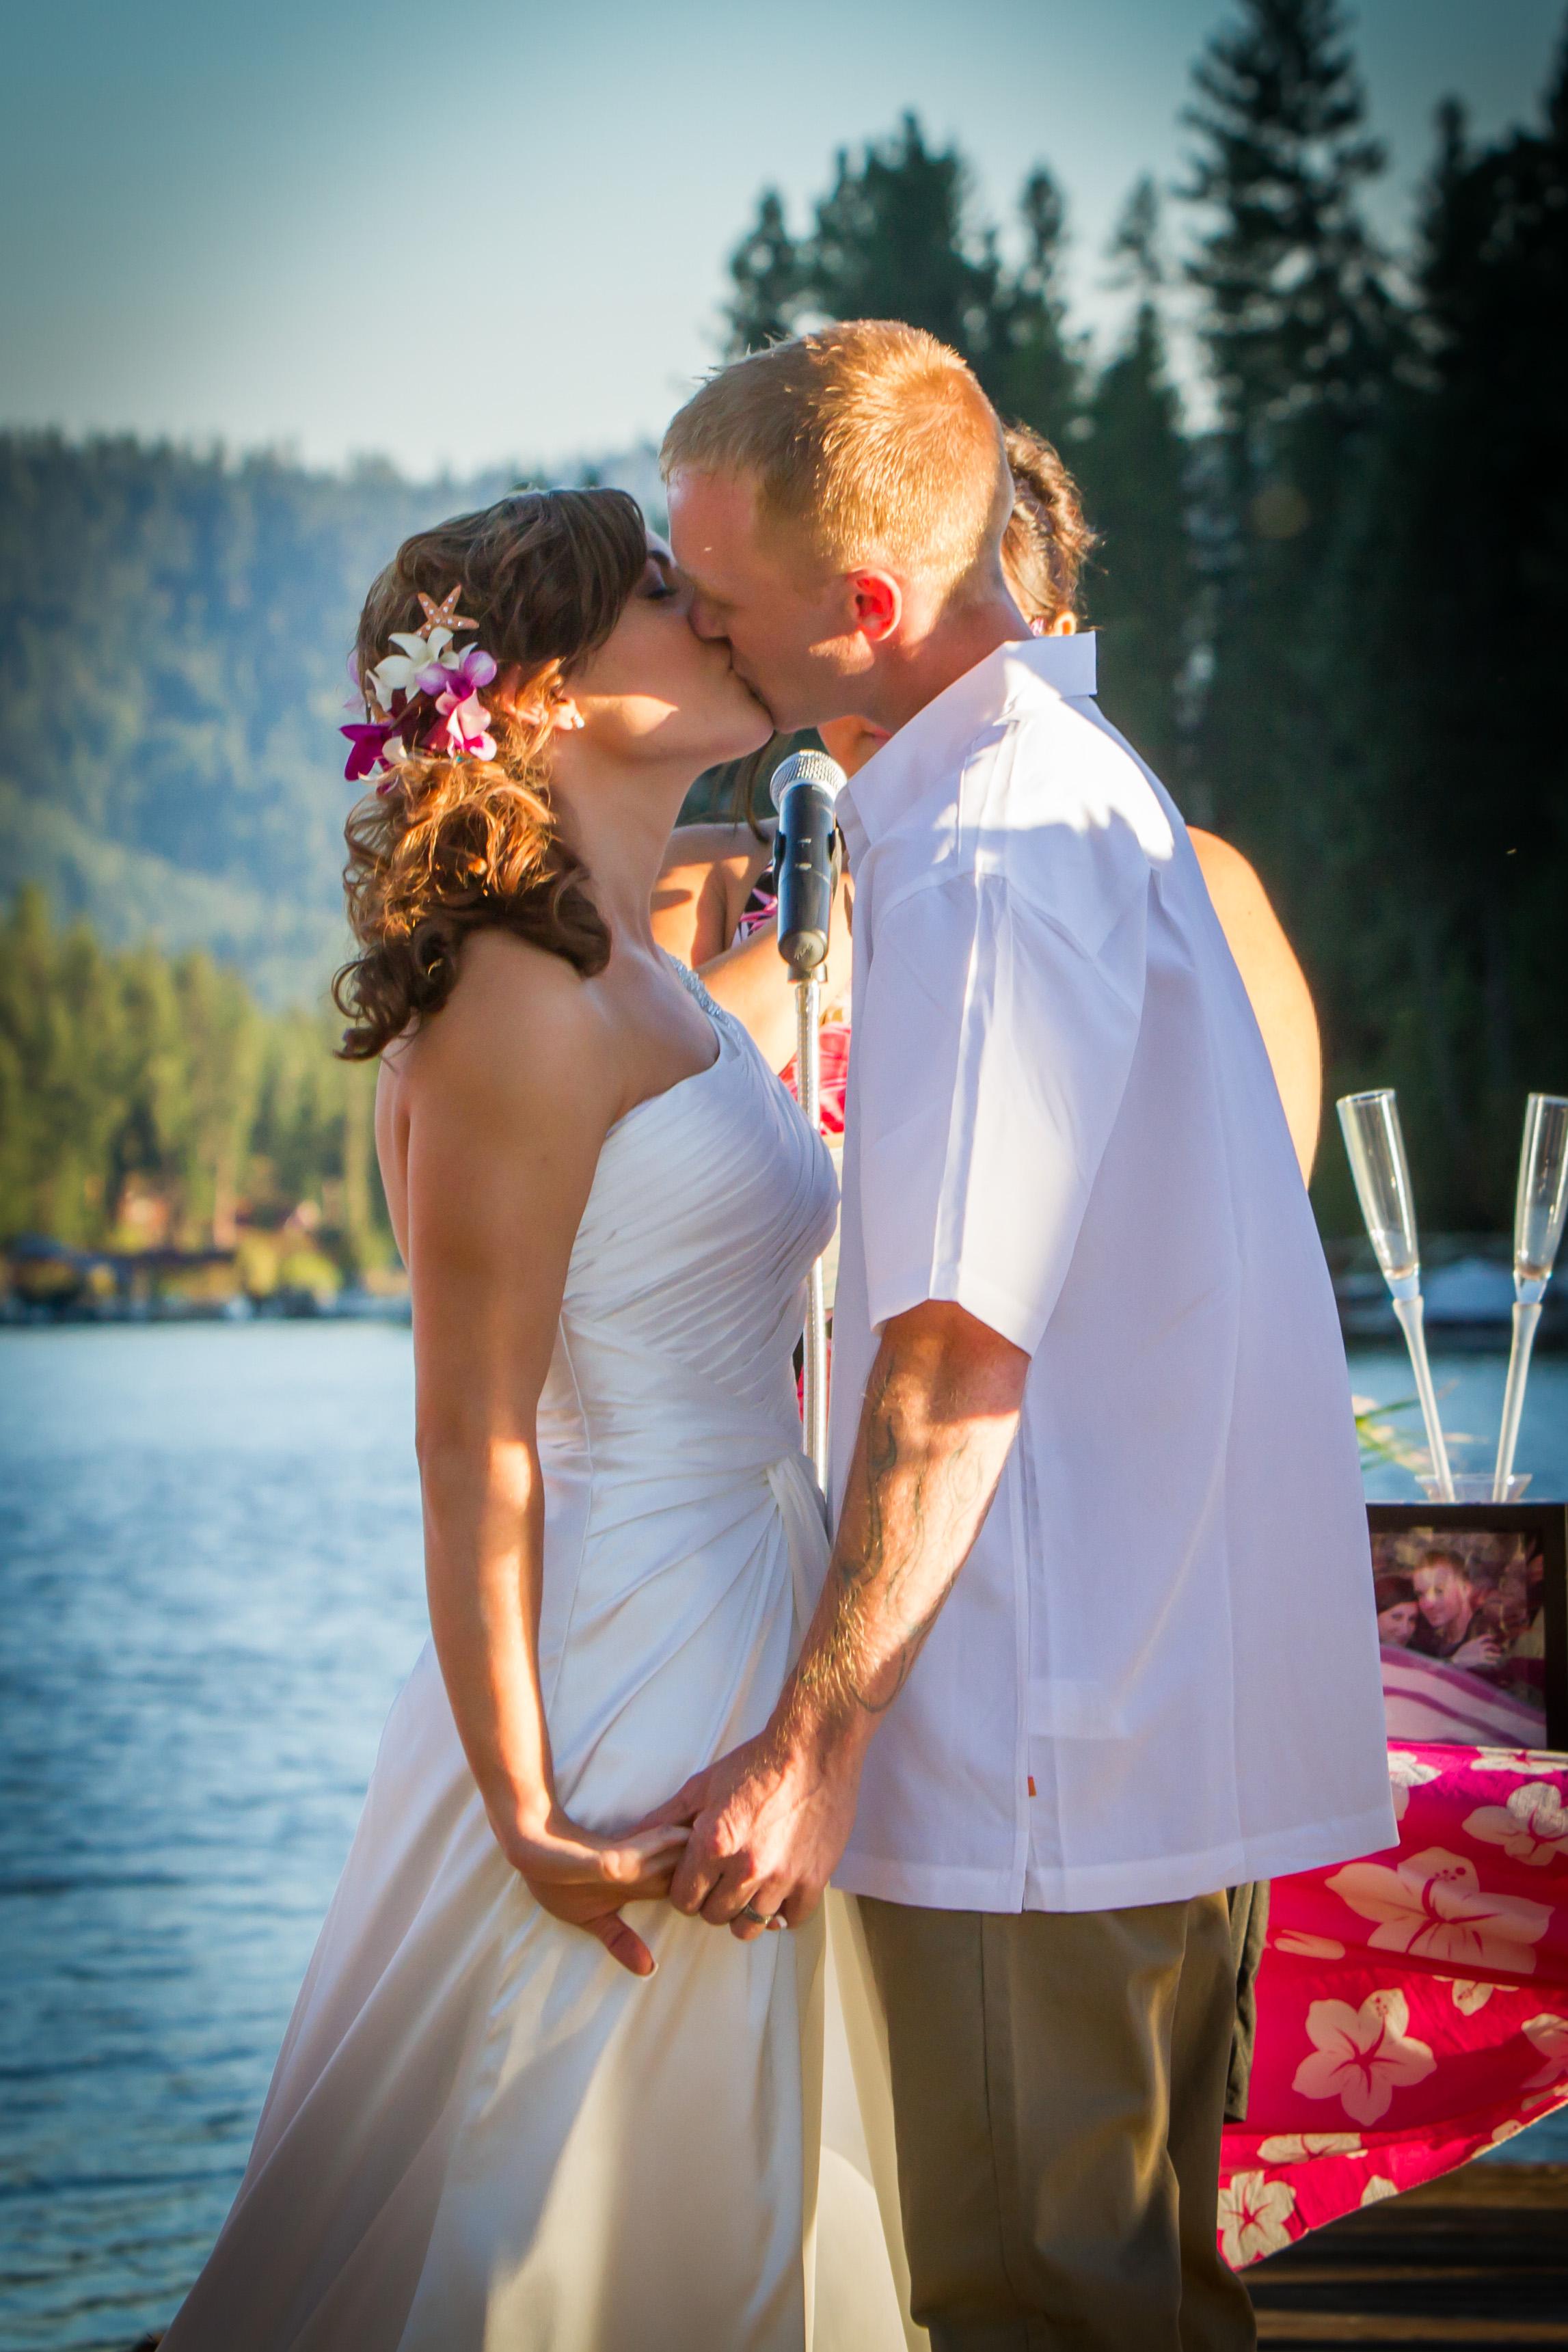 wedding photography spokane washington (55 of 62)